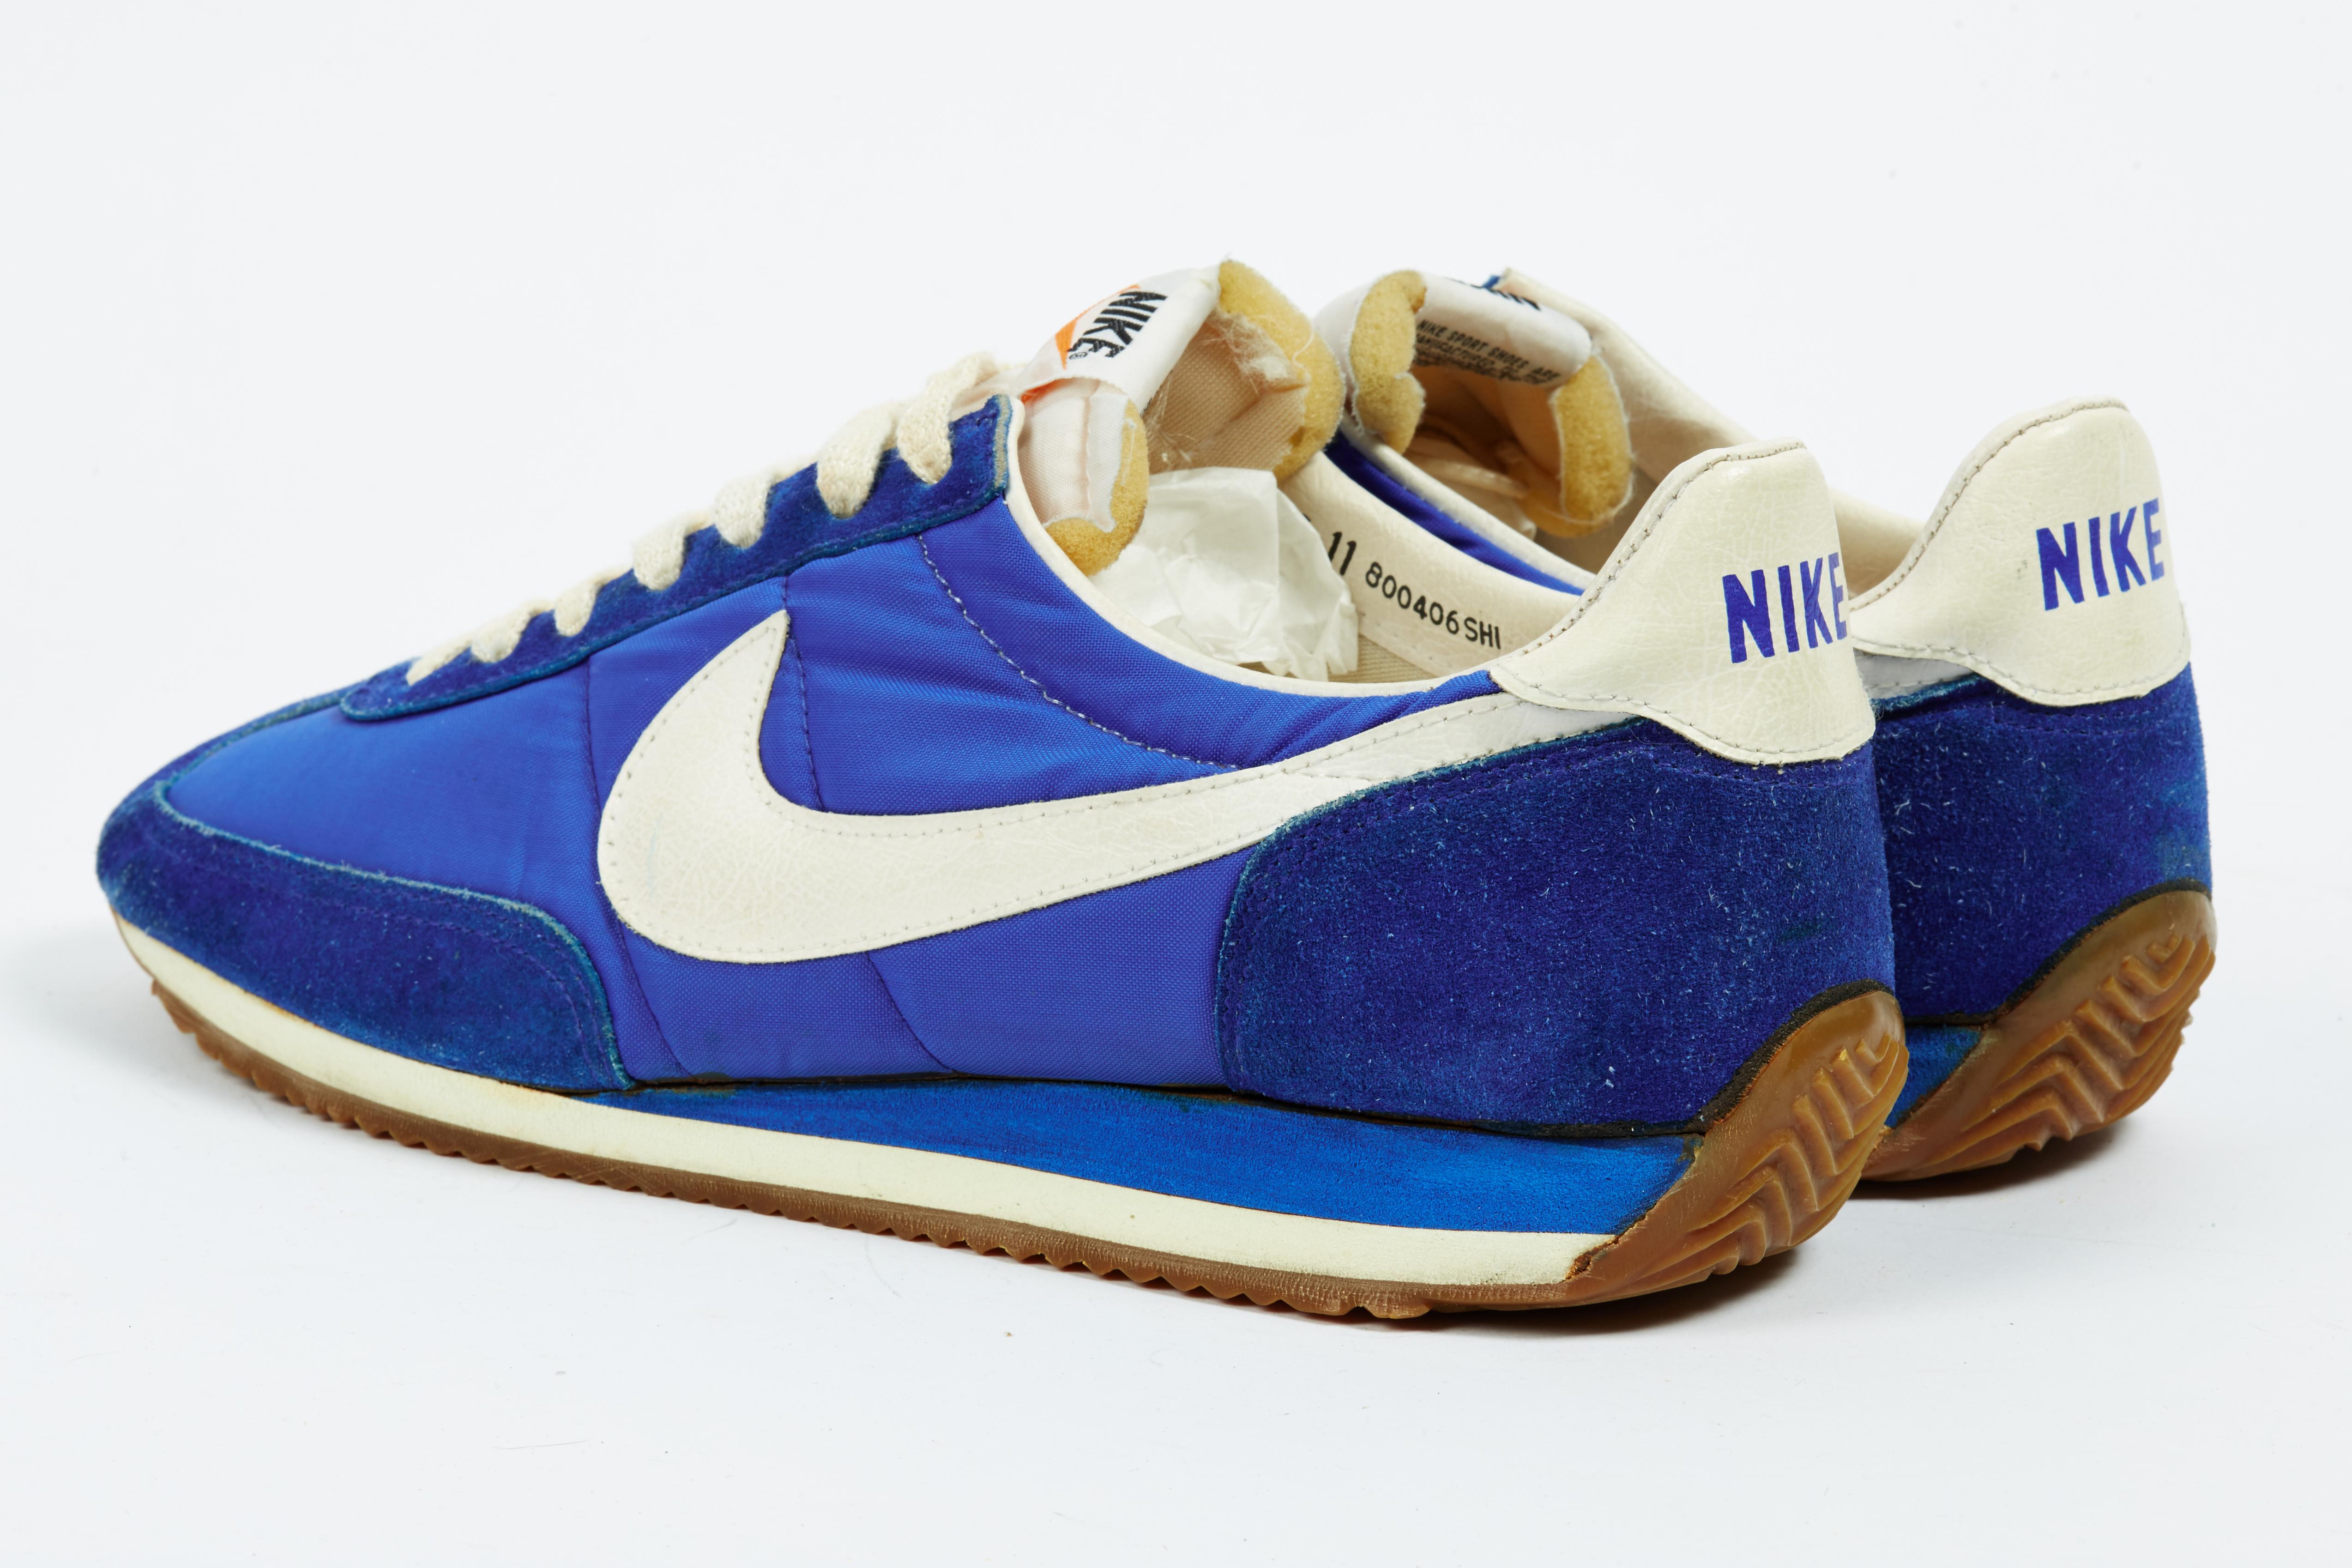 Nike LDV | Vintage nike, Vintage sneakers, Nike